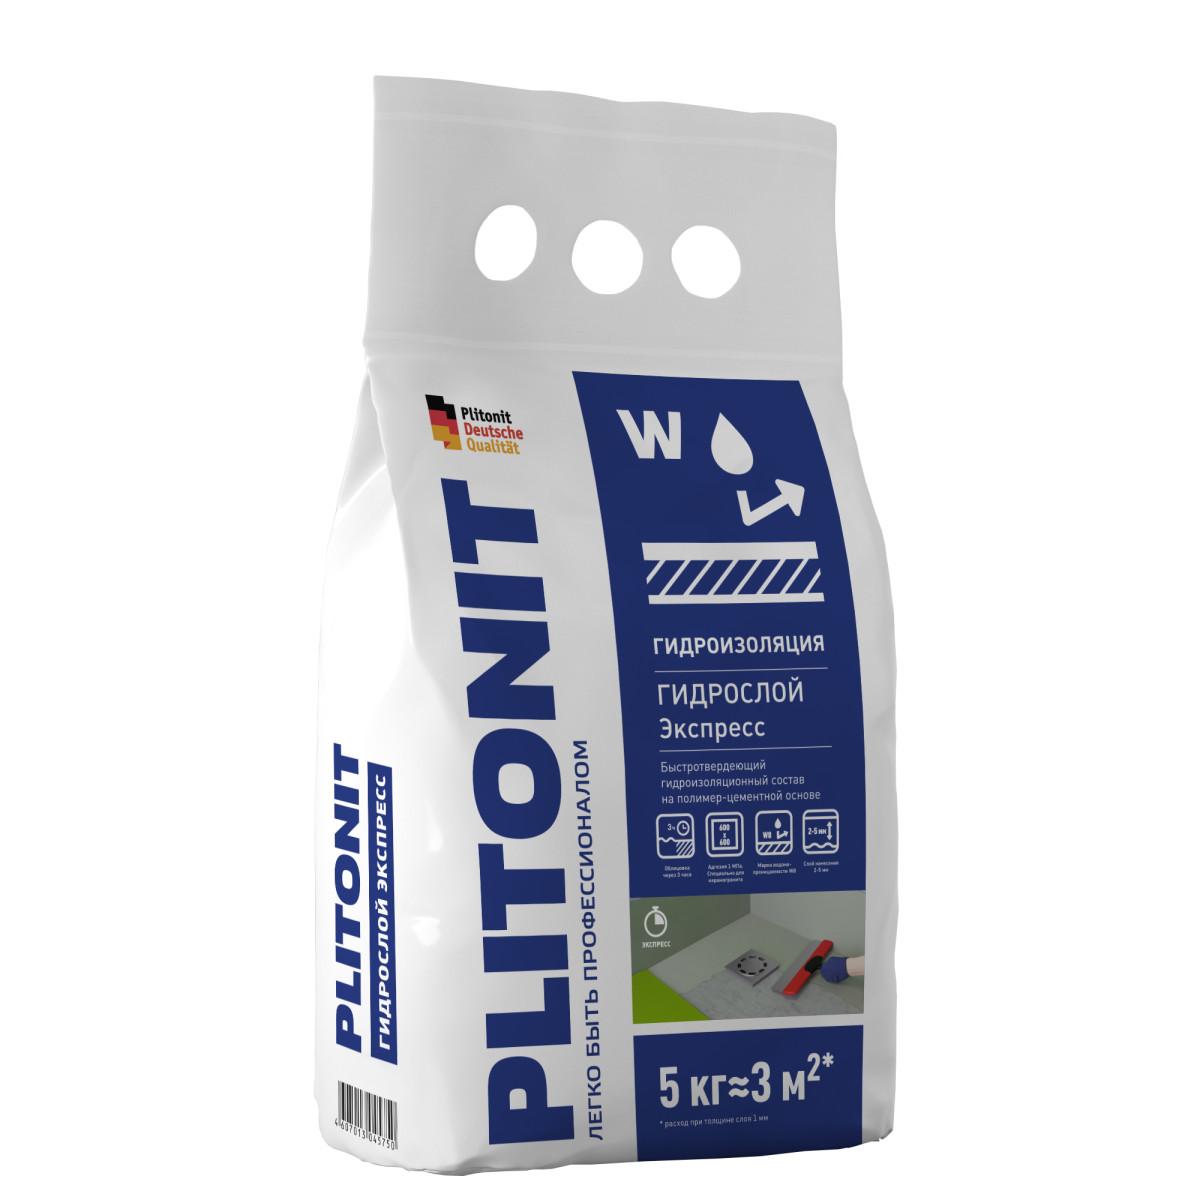 Гидроизоляция Plitonit «Гидрослой Экспресс» 5 кг